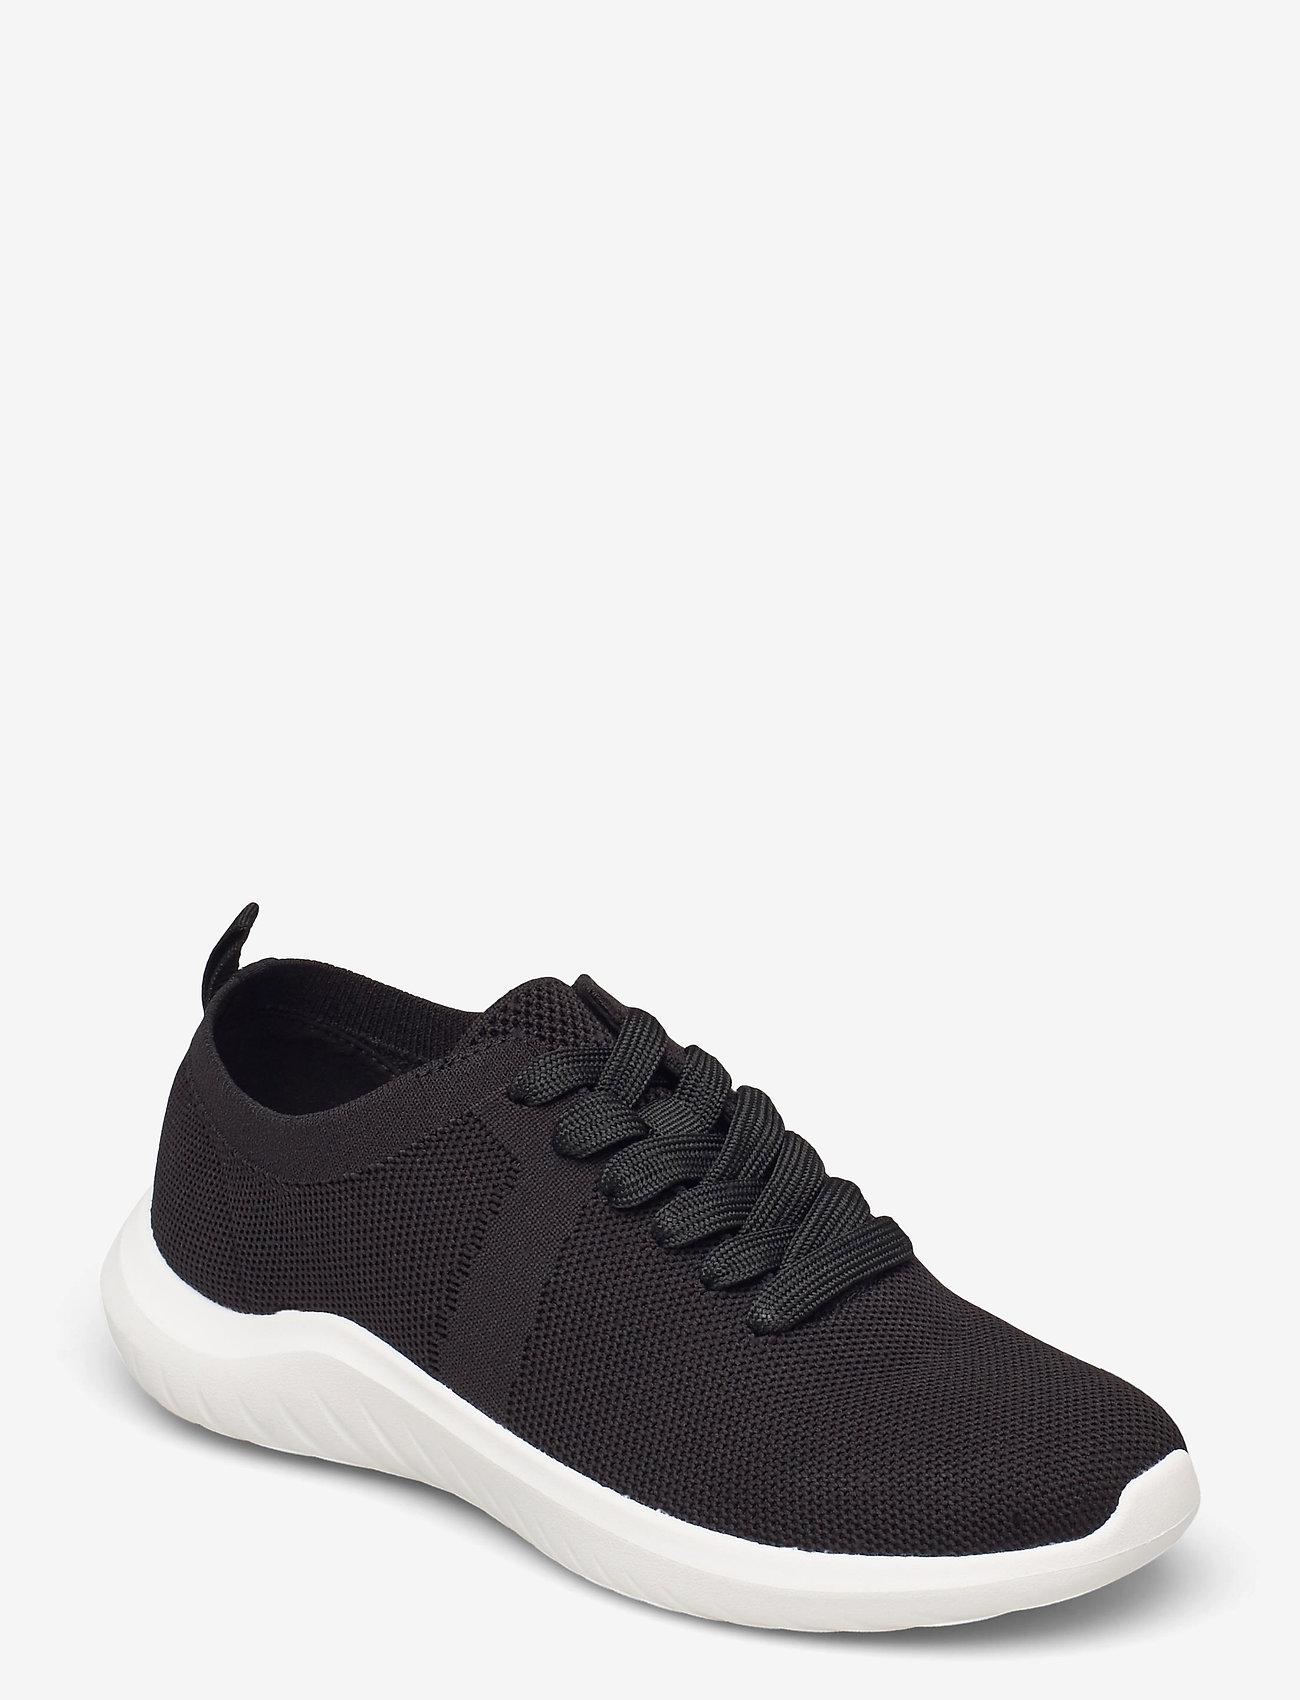 Clarks - Nova Glint - låga sneakers - black - 0